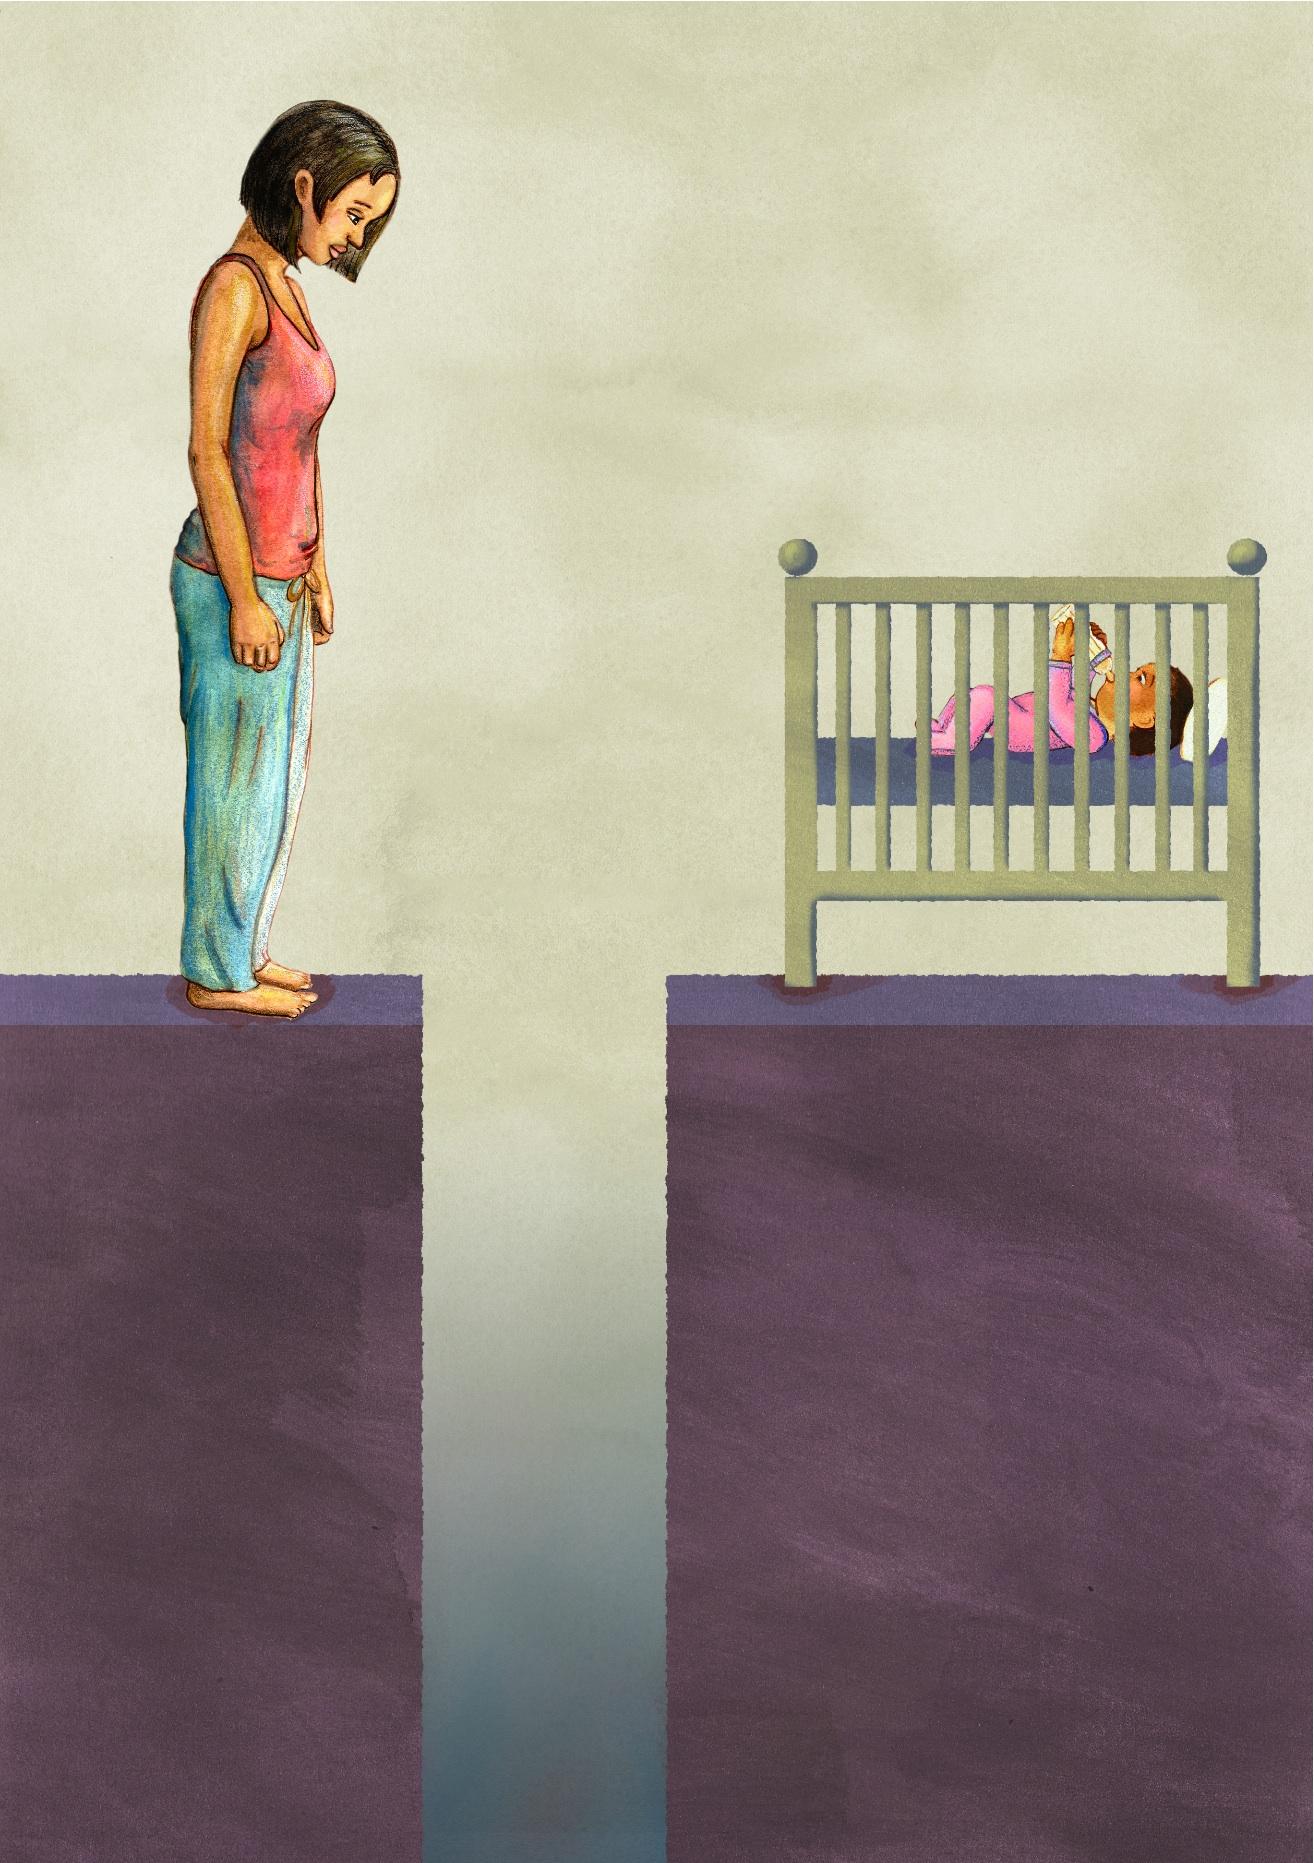 Từ cái chết của em bé 33 ngày tuổi: Chưa bao giờ nỗi đau trầm cảm sau sinh lại khiến người ta bàng hoàng đến thế! - Ảnh 4.